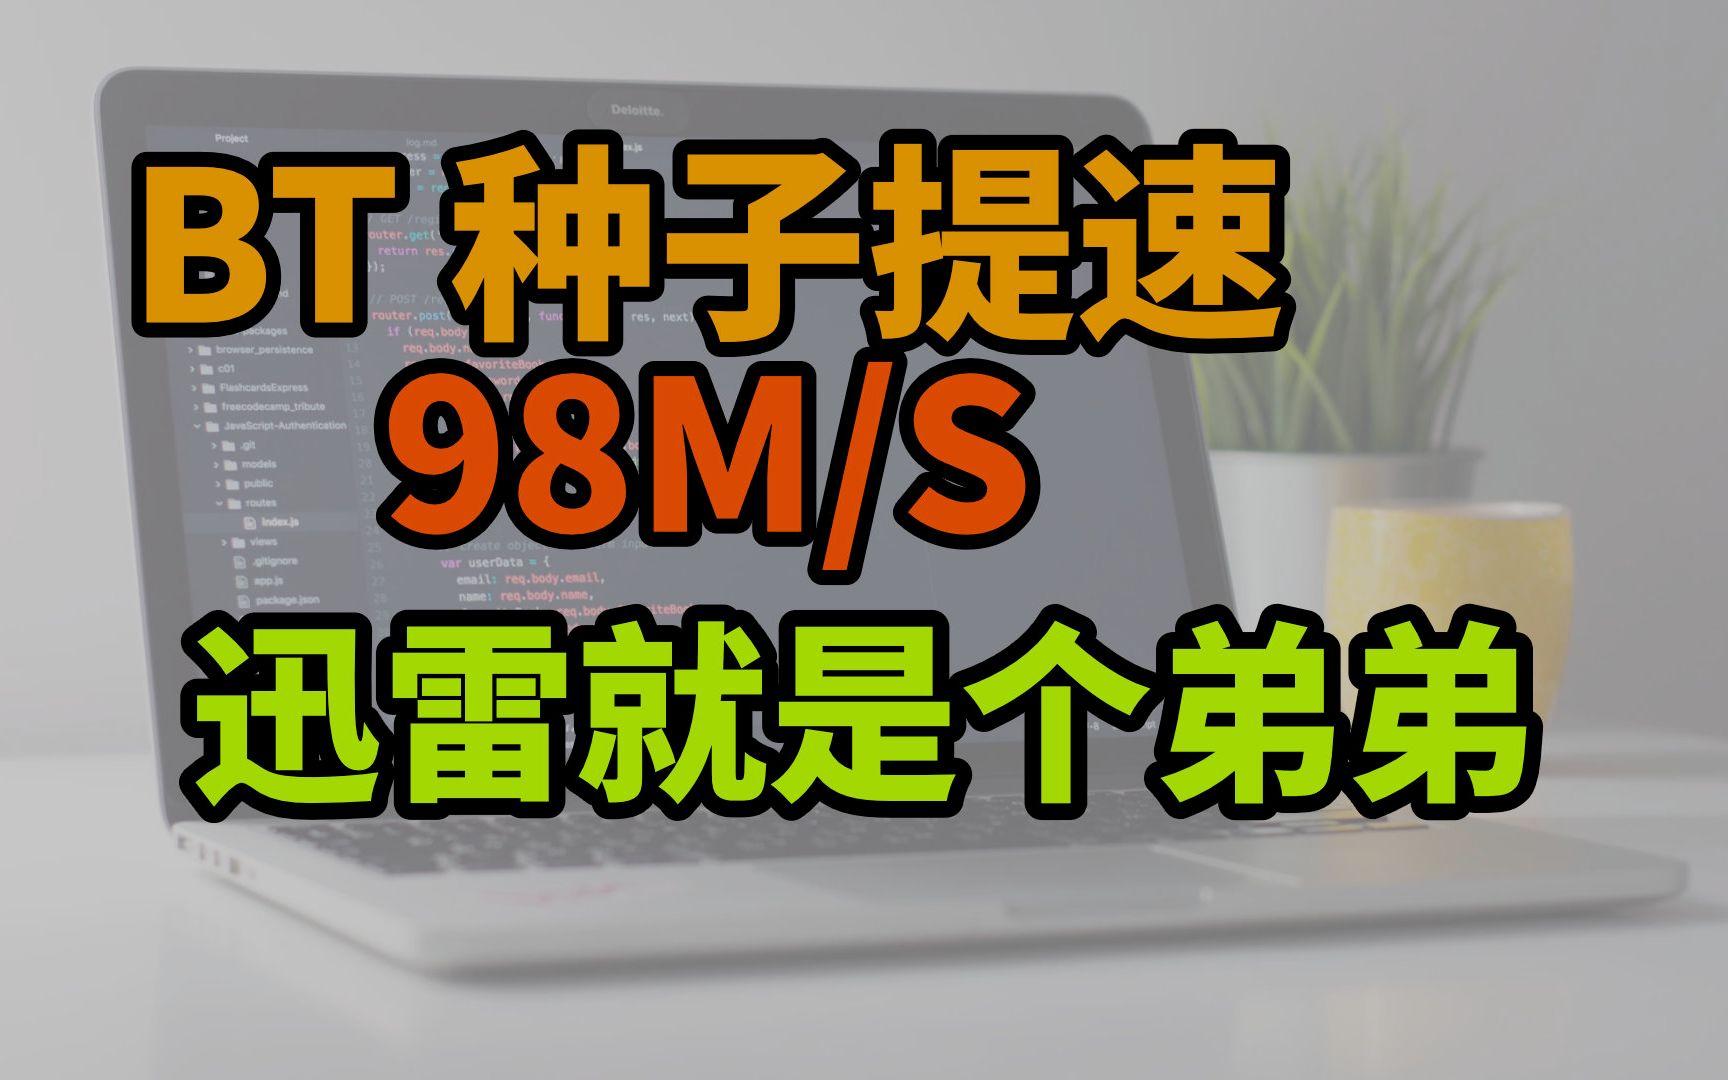 为什么你的BT种子文件下载不动?几个设置让它跑满带宽:tracker,DHT,端口映射